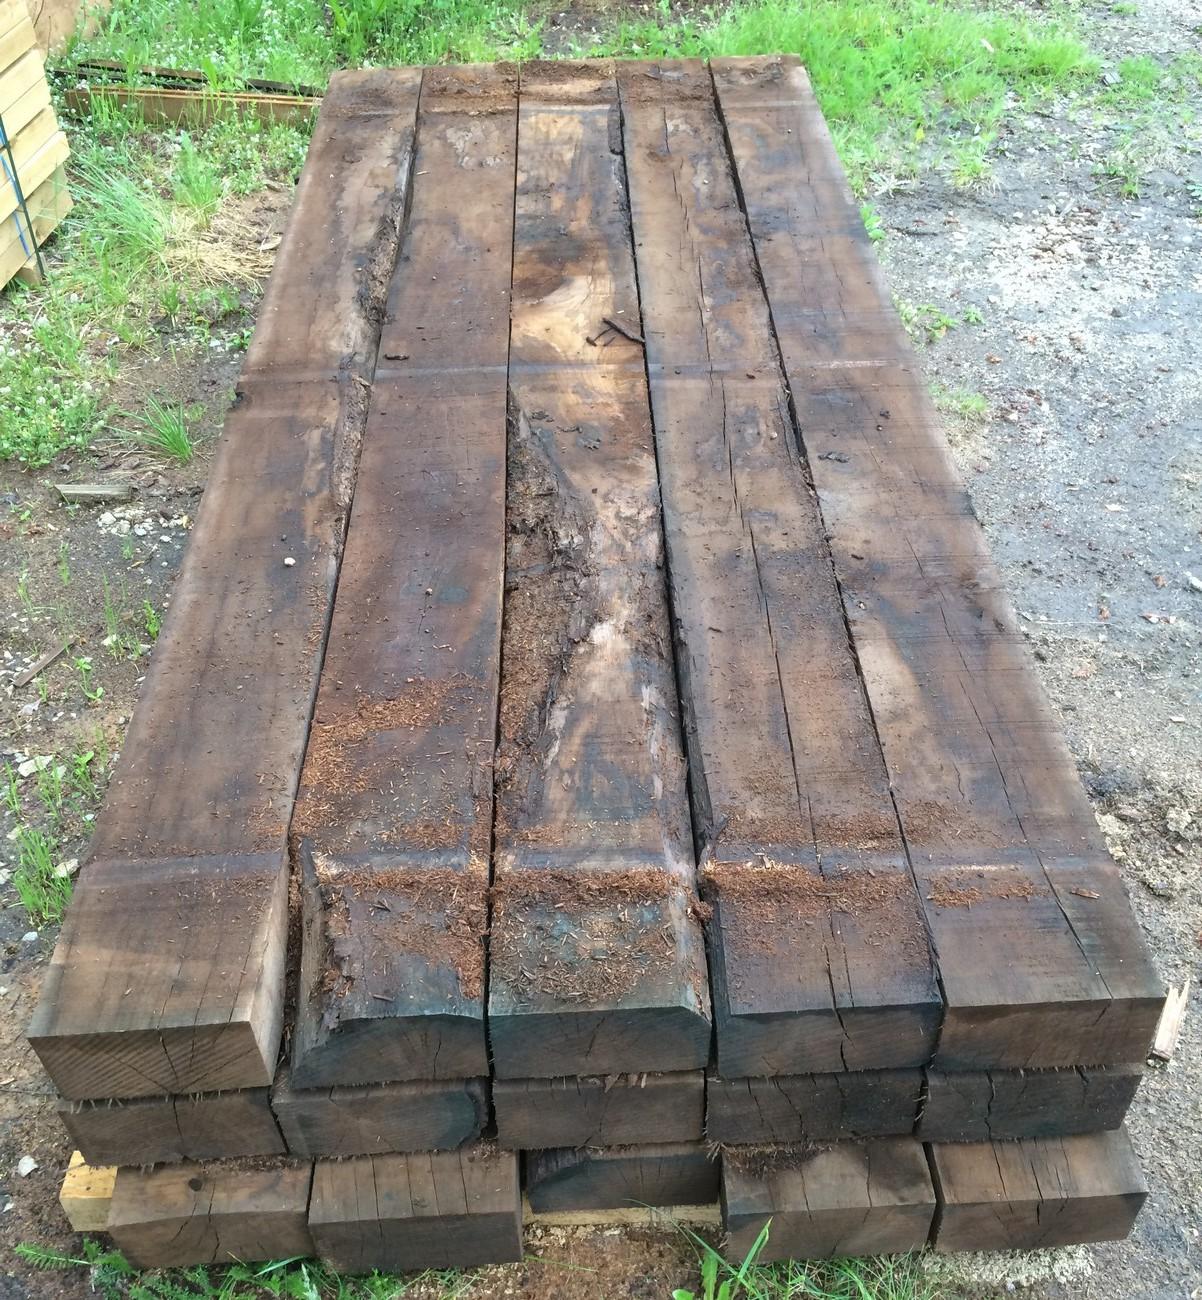 Traverses paysag res en ch ne traite autoclave marron top bois direct - Traverse en chene ...